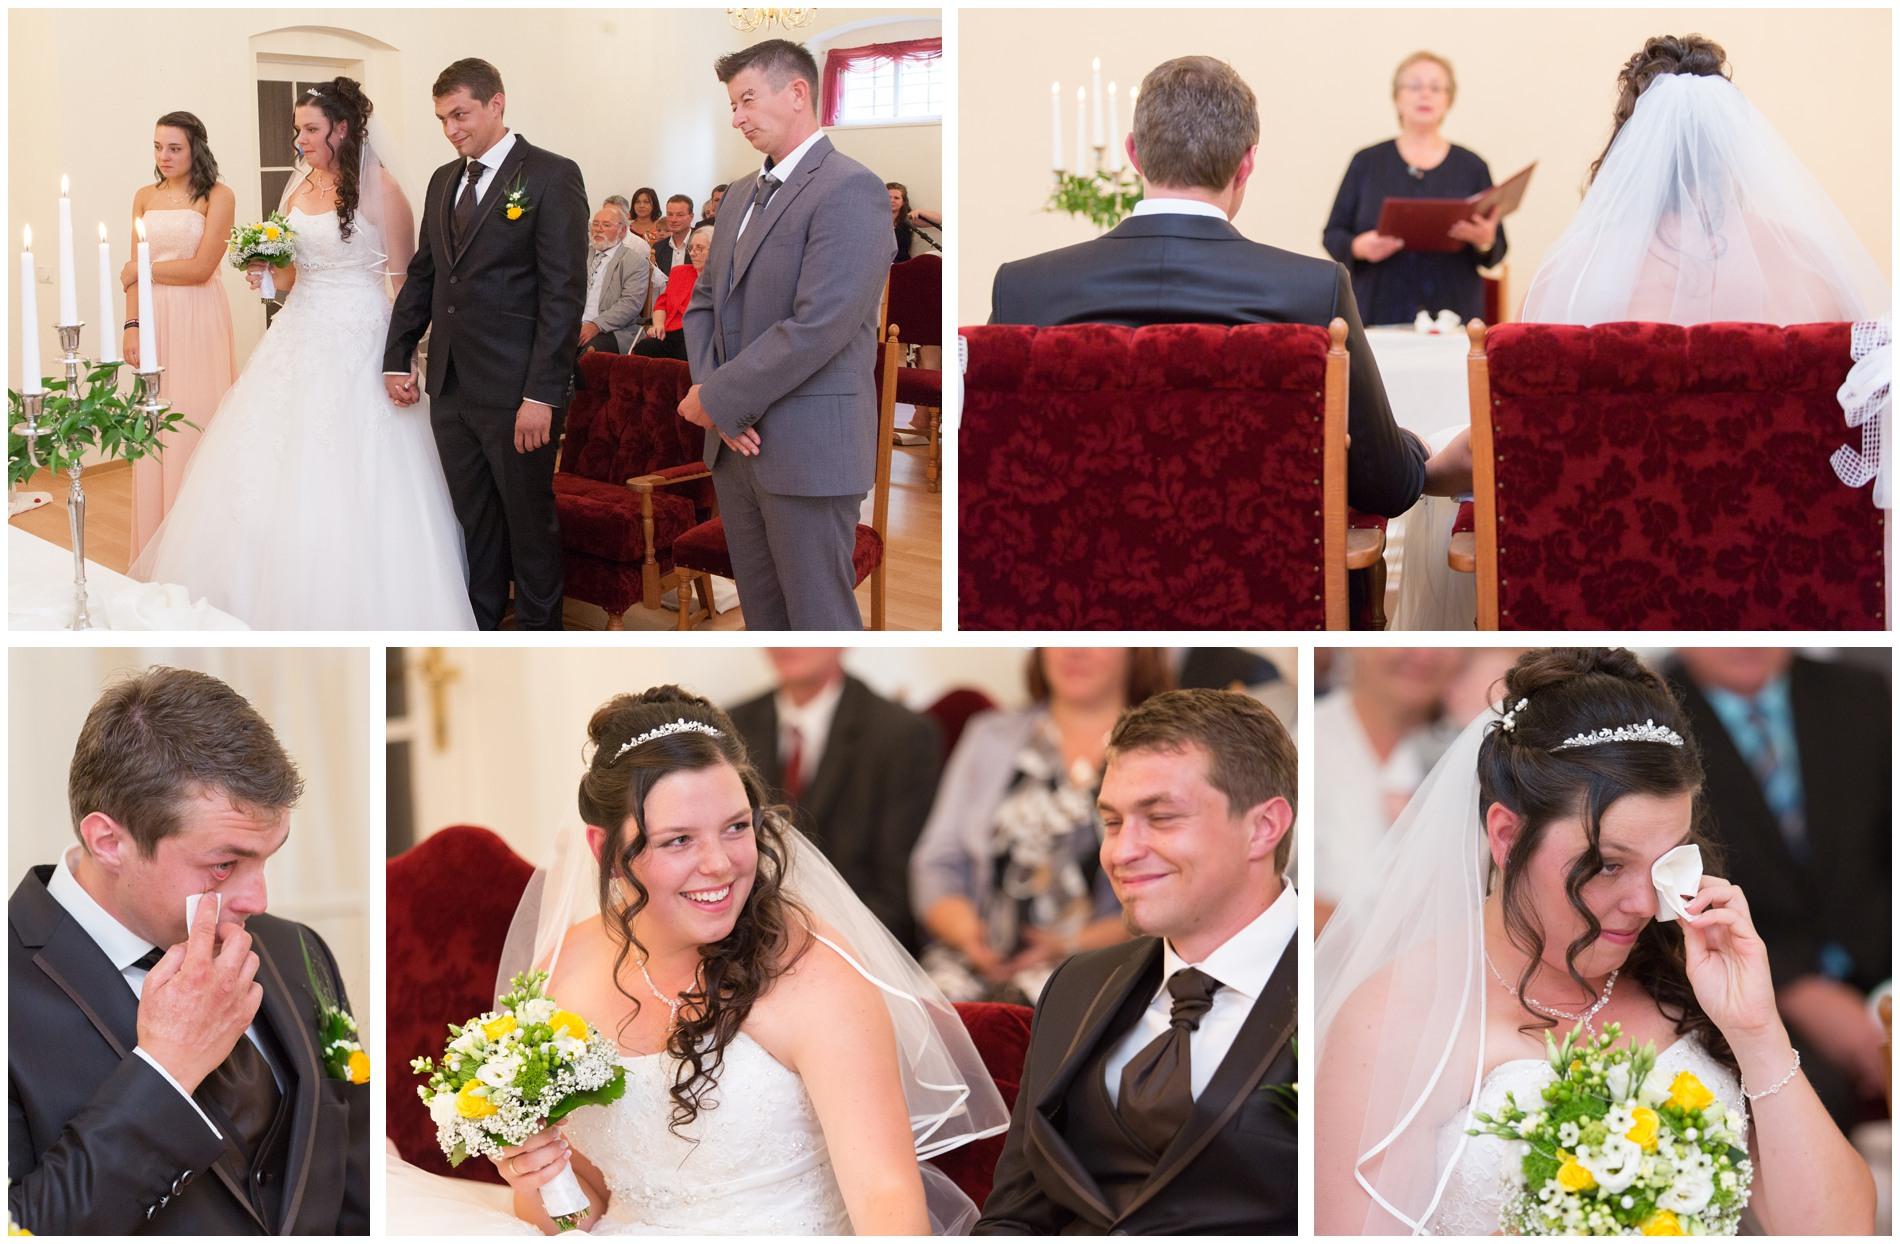 Hochzeitsfotos in der Alten Wache – Hochzeitsfotograf in Greiz